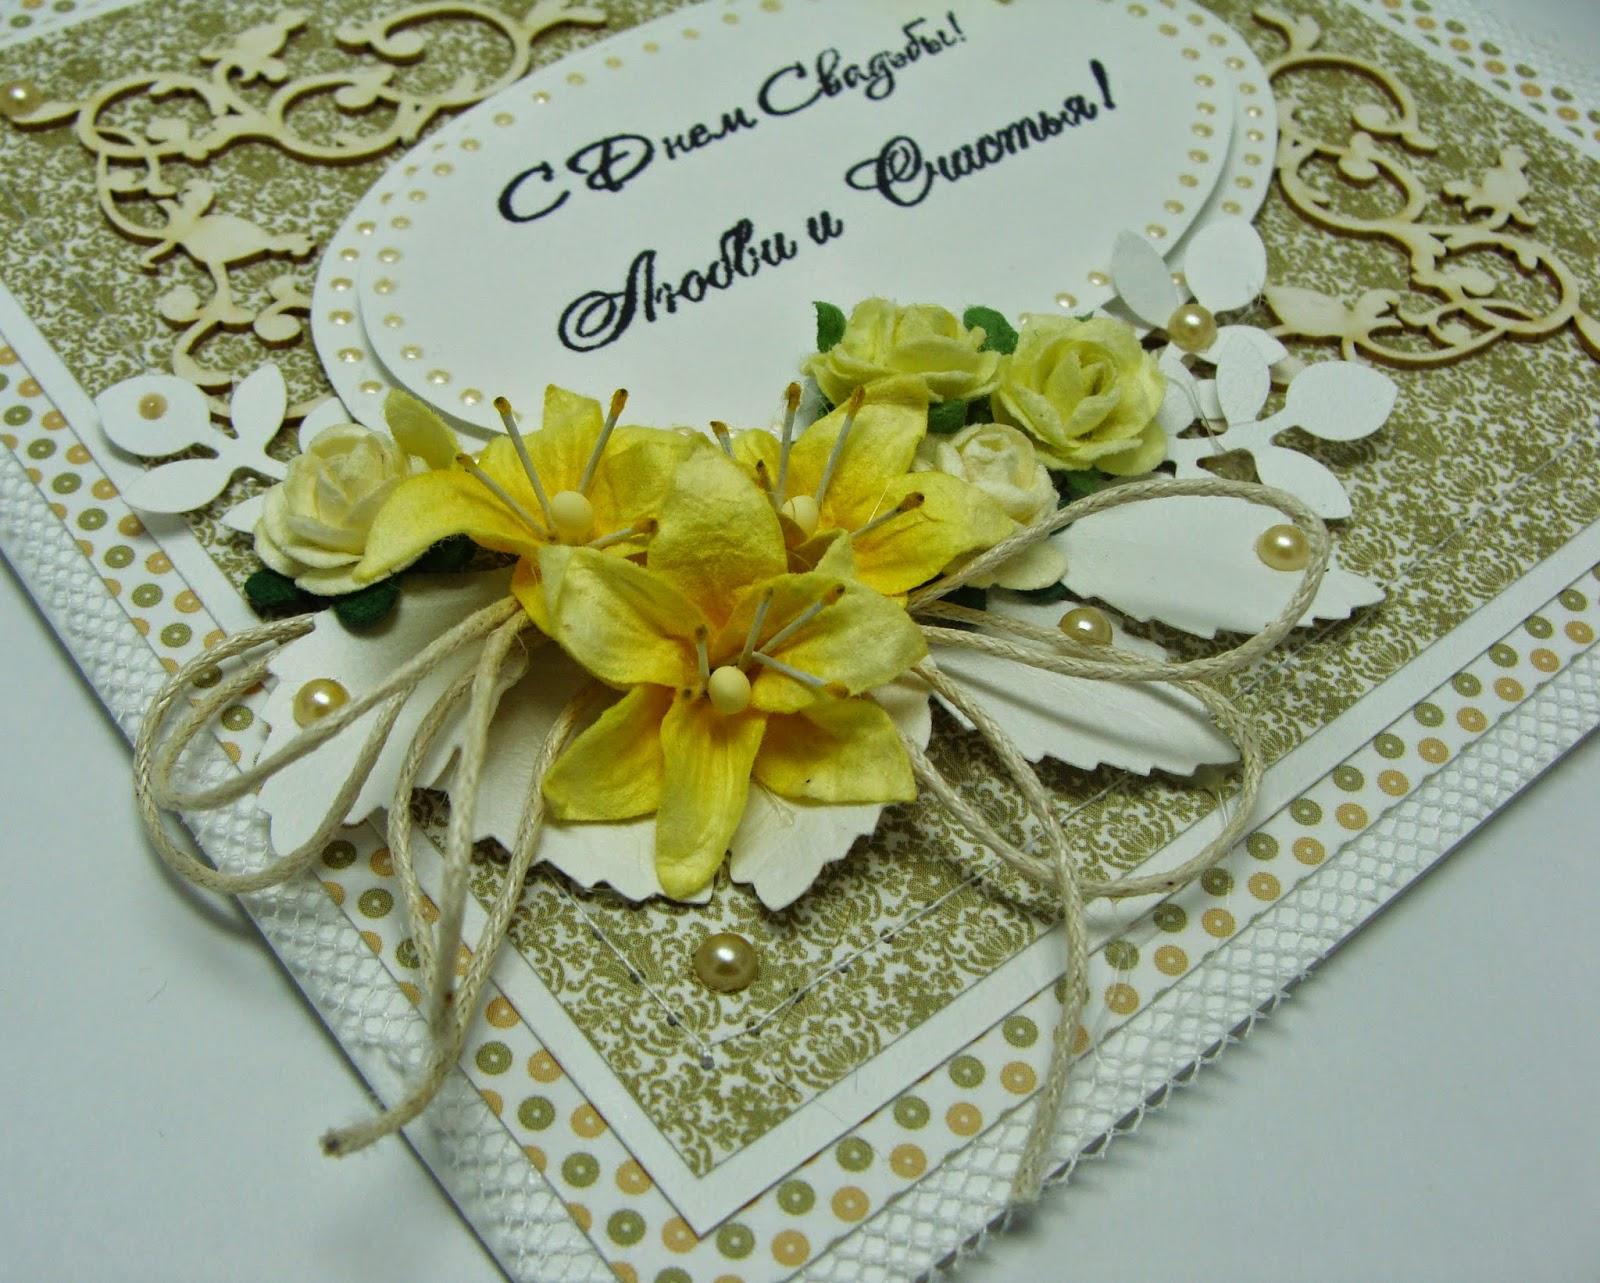 Поздравления на свадьбу сестре от сестры, от брата - Поздравок